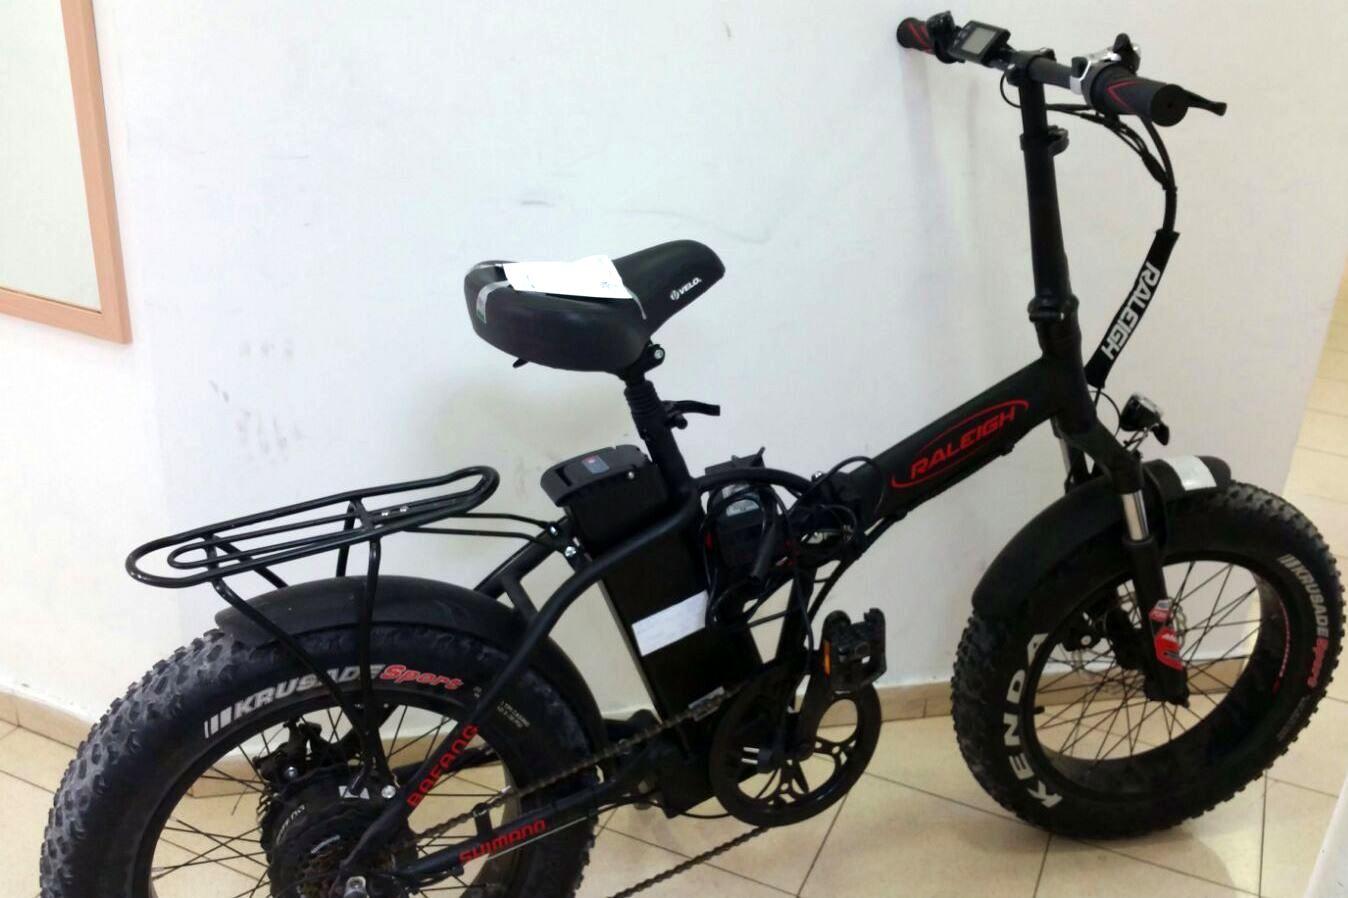 בני ברק: גנב מצעיר אופניים חשמליים - ונלכד תוך דקות